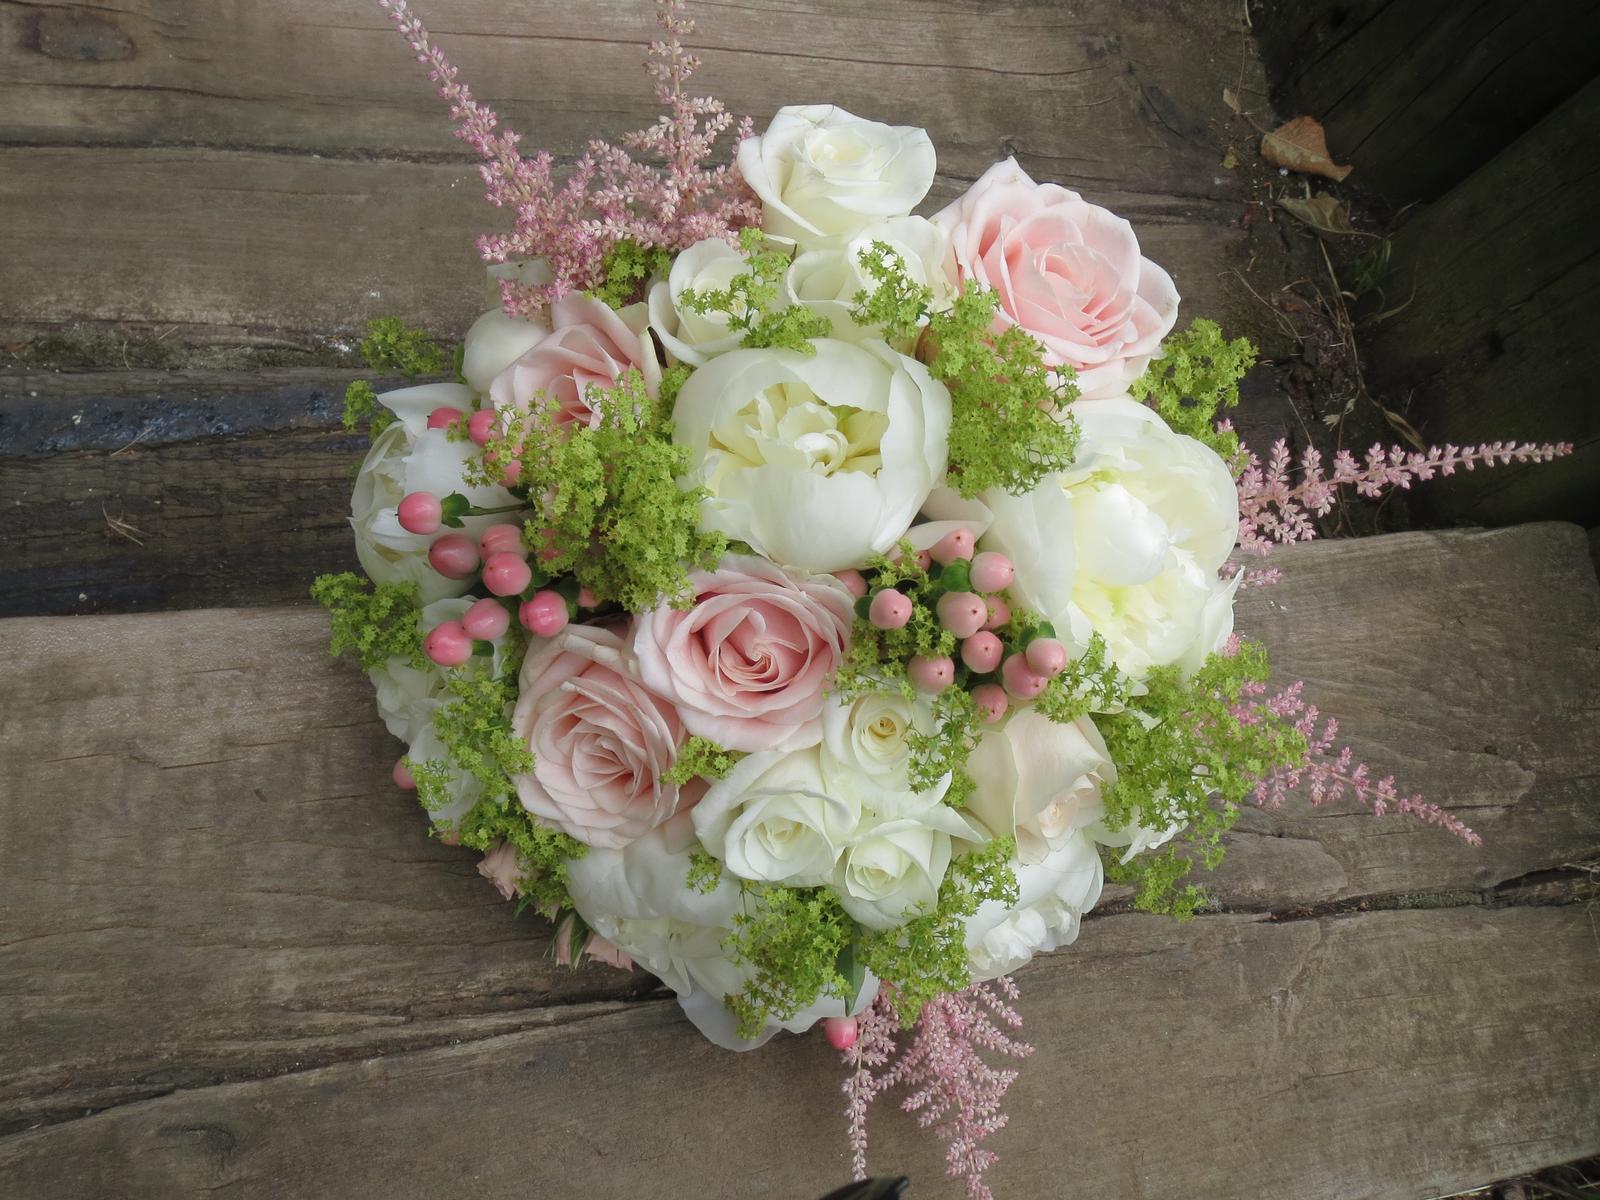 Kolik Stoji Kvetinova Vyzdoba Svatebni Vyzdo